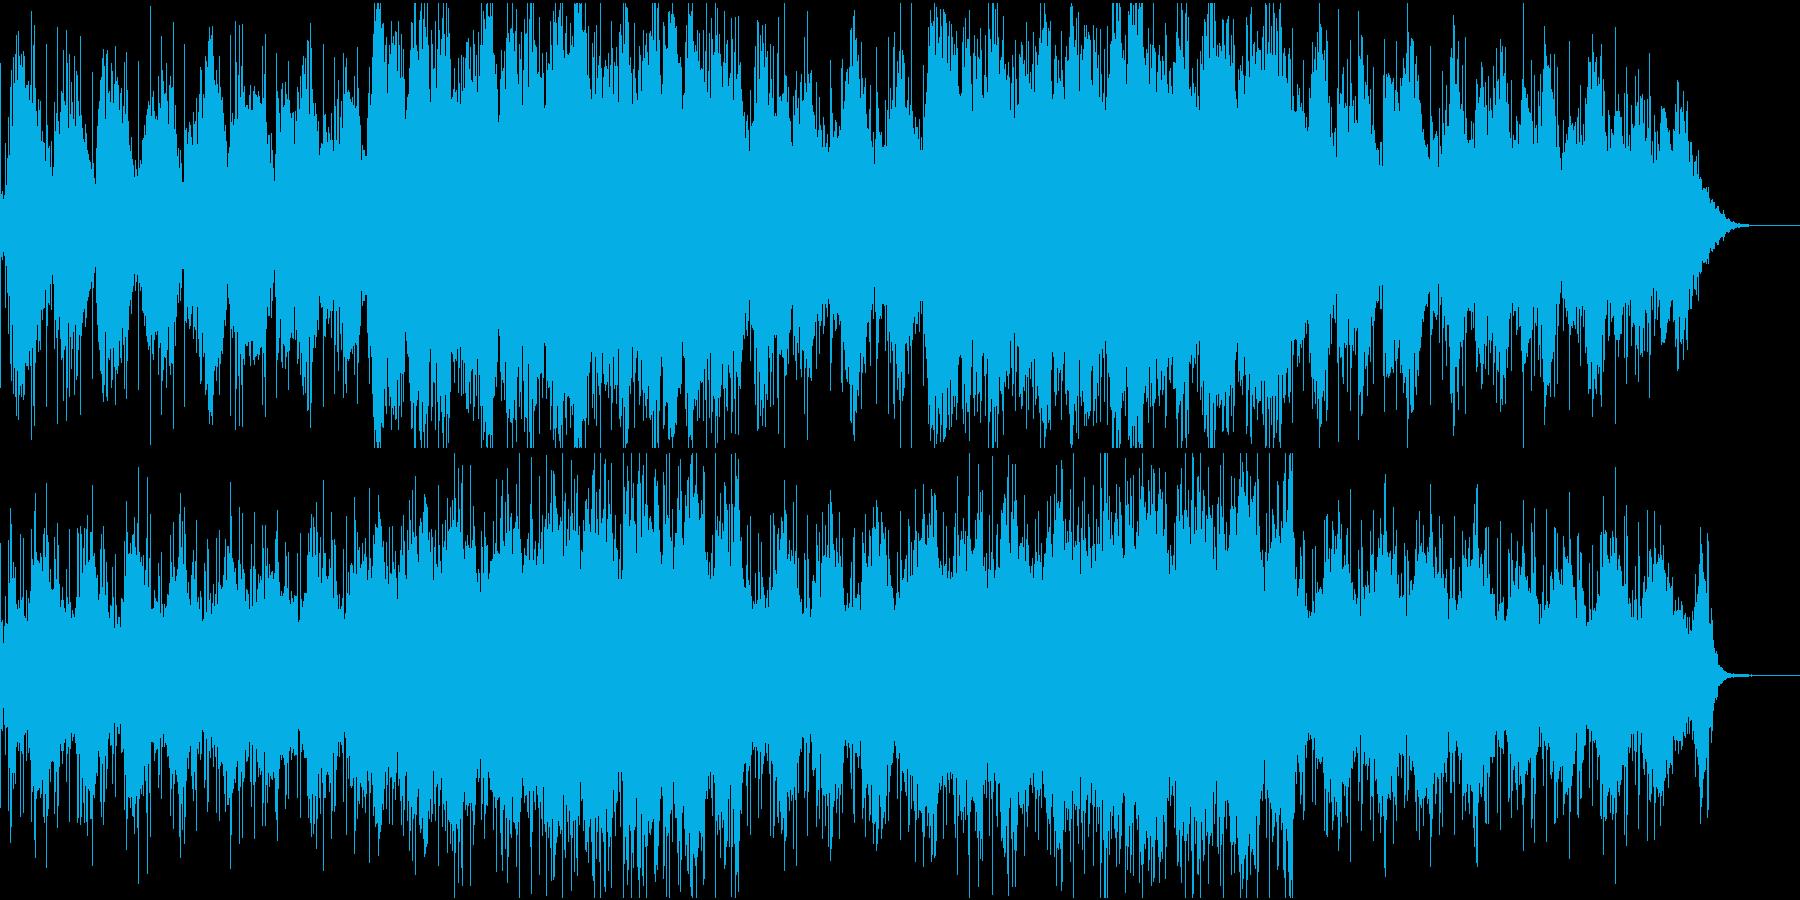 夜寝る前に聞きたくなるアンビエントな一曲の再生済みの波形